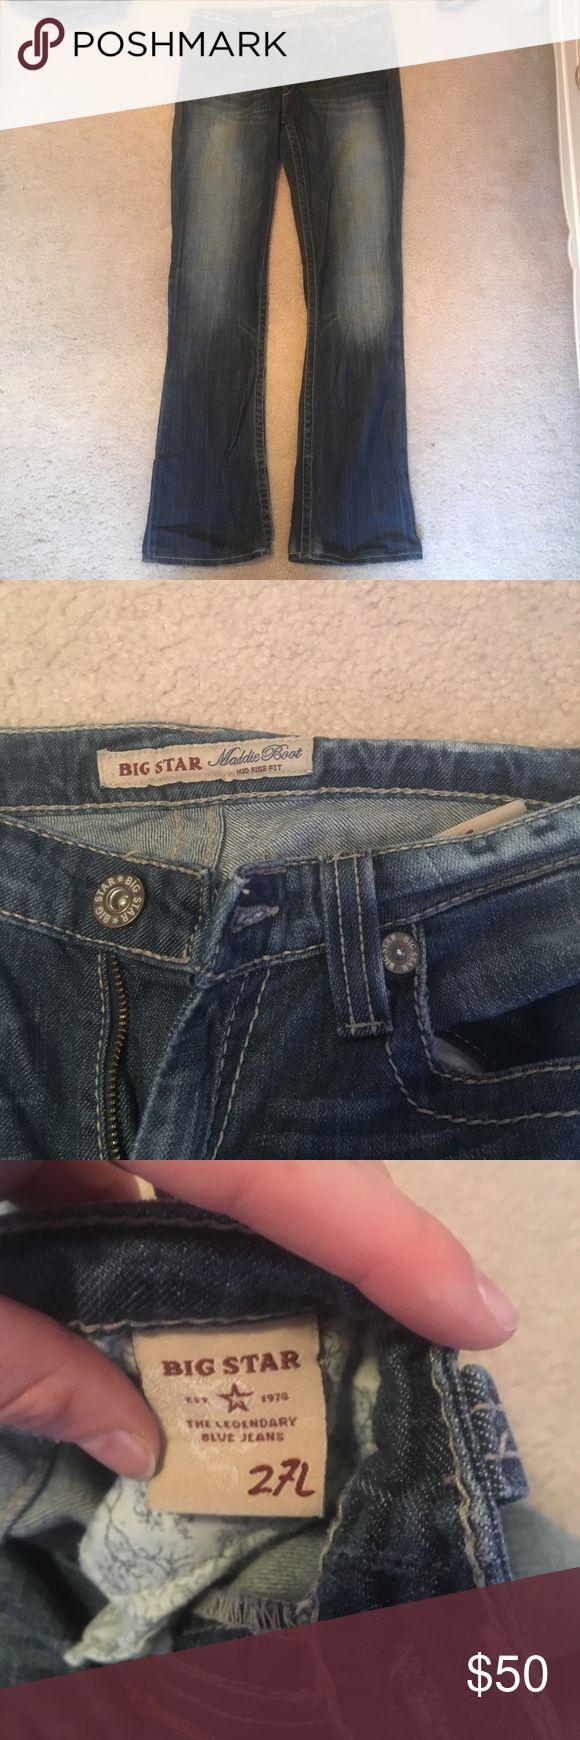 Big Star Size 27 boot cut jeans Big Star Size 27 boot cut jeans. Mid rise                    Length 30in Big Star Jeans Boot Cut